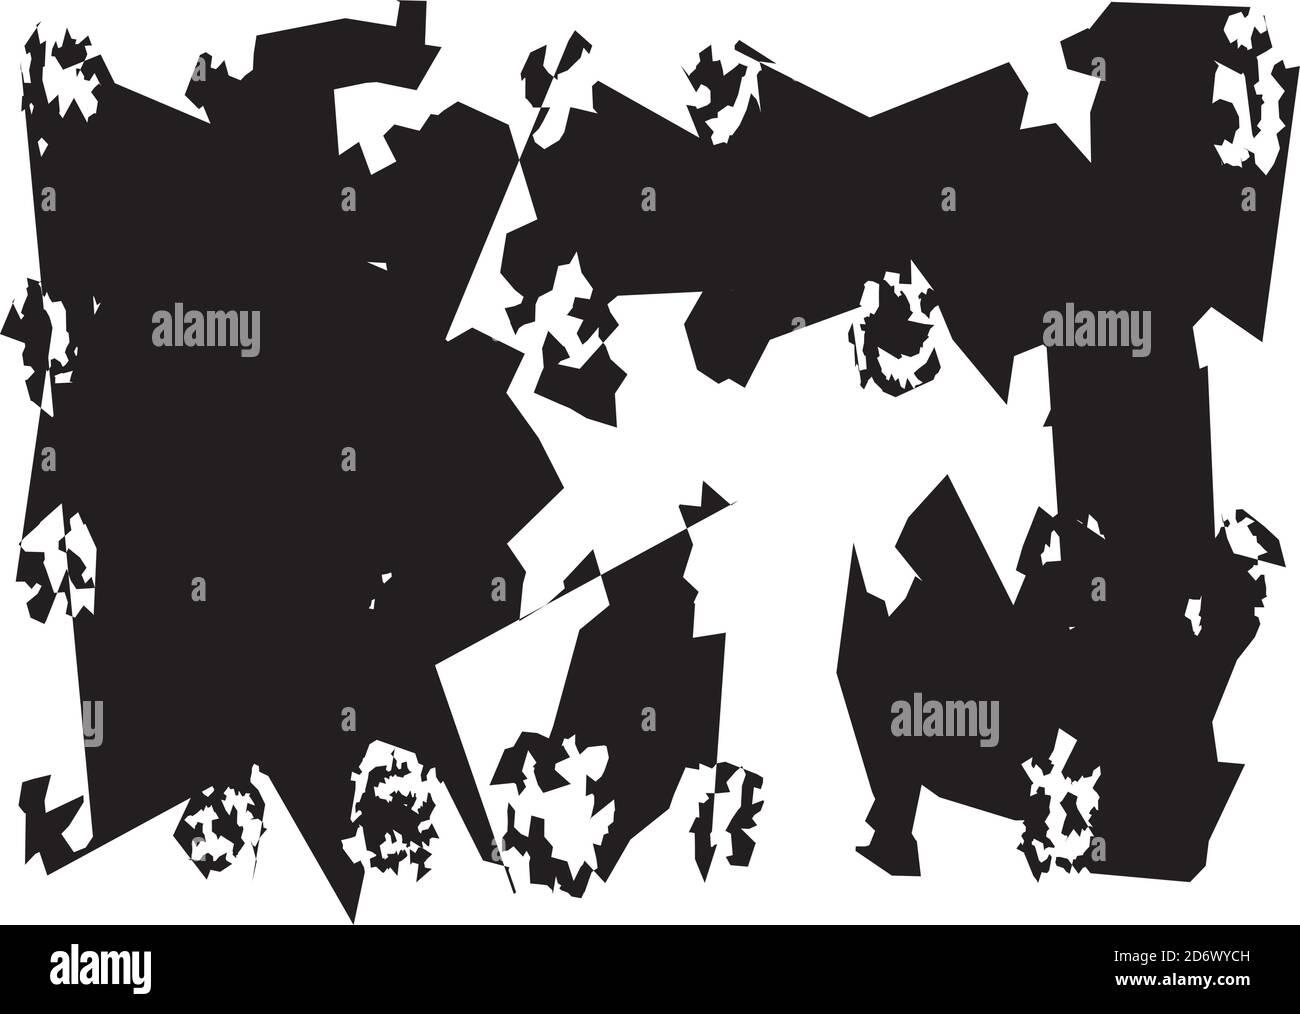 Formas extrañas, extrañas generadas al azar. Gráfico abstracto asimétrico Ilustración vectorial. Ilustración del Vector